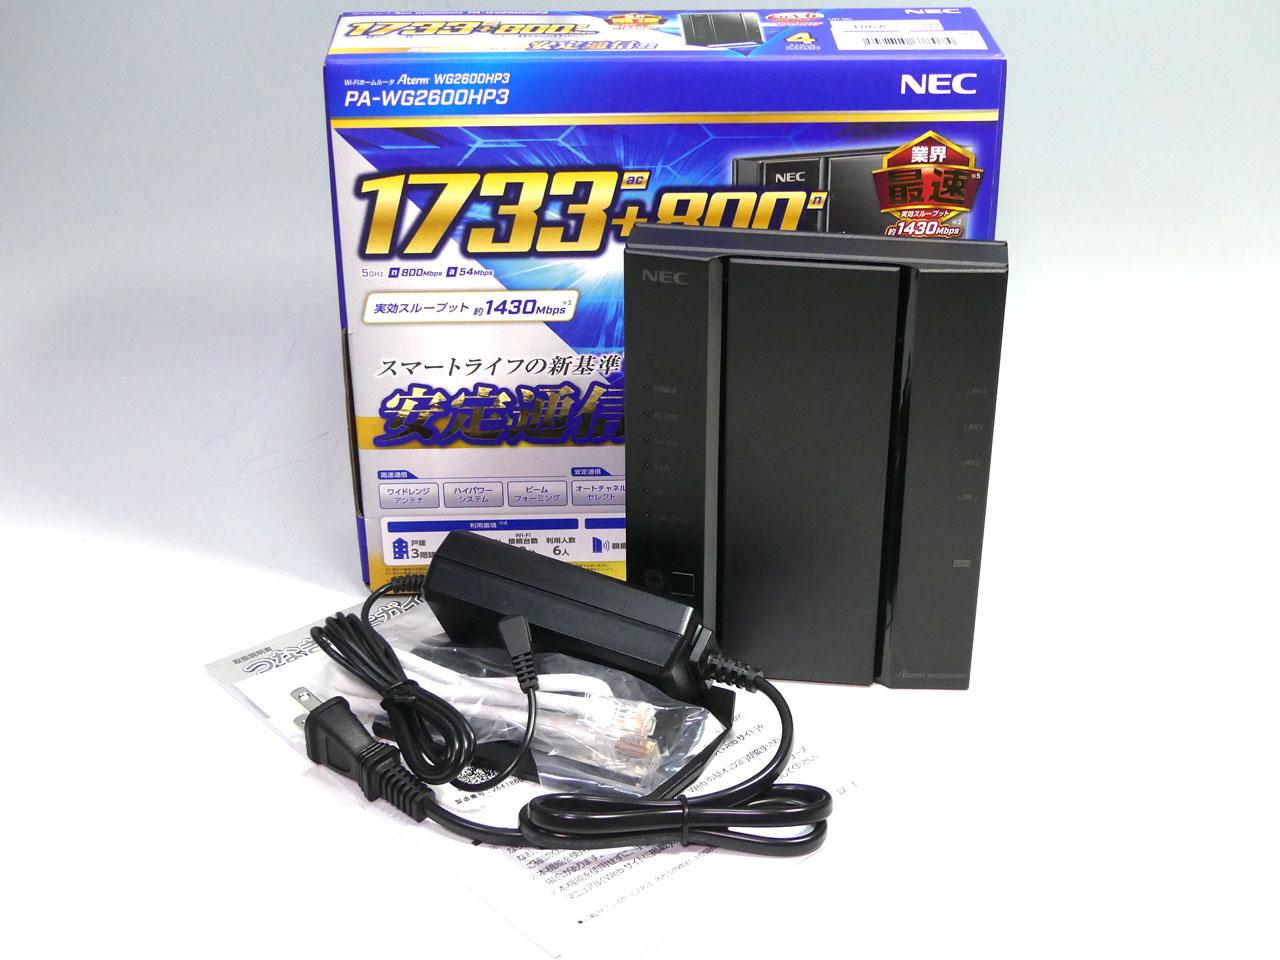 MAP-E/DS-Liteに対応した新世代Atermのフラッグシップ ワイドレンジアンテナで無線性能も向上した「Aterm WG2600HP3」【イニシャルB】